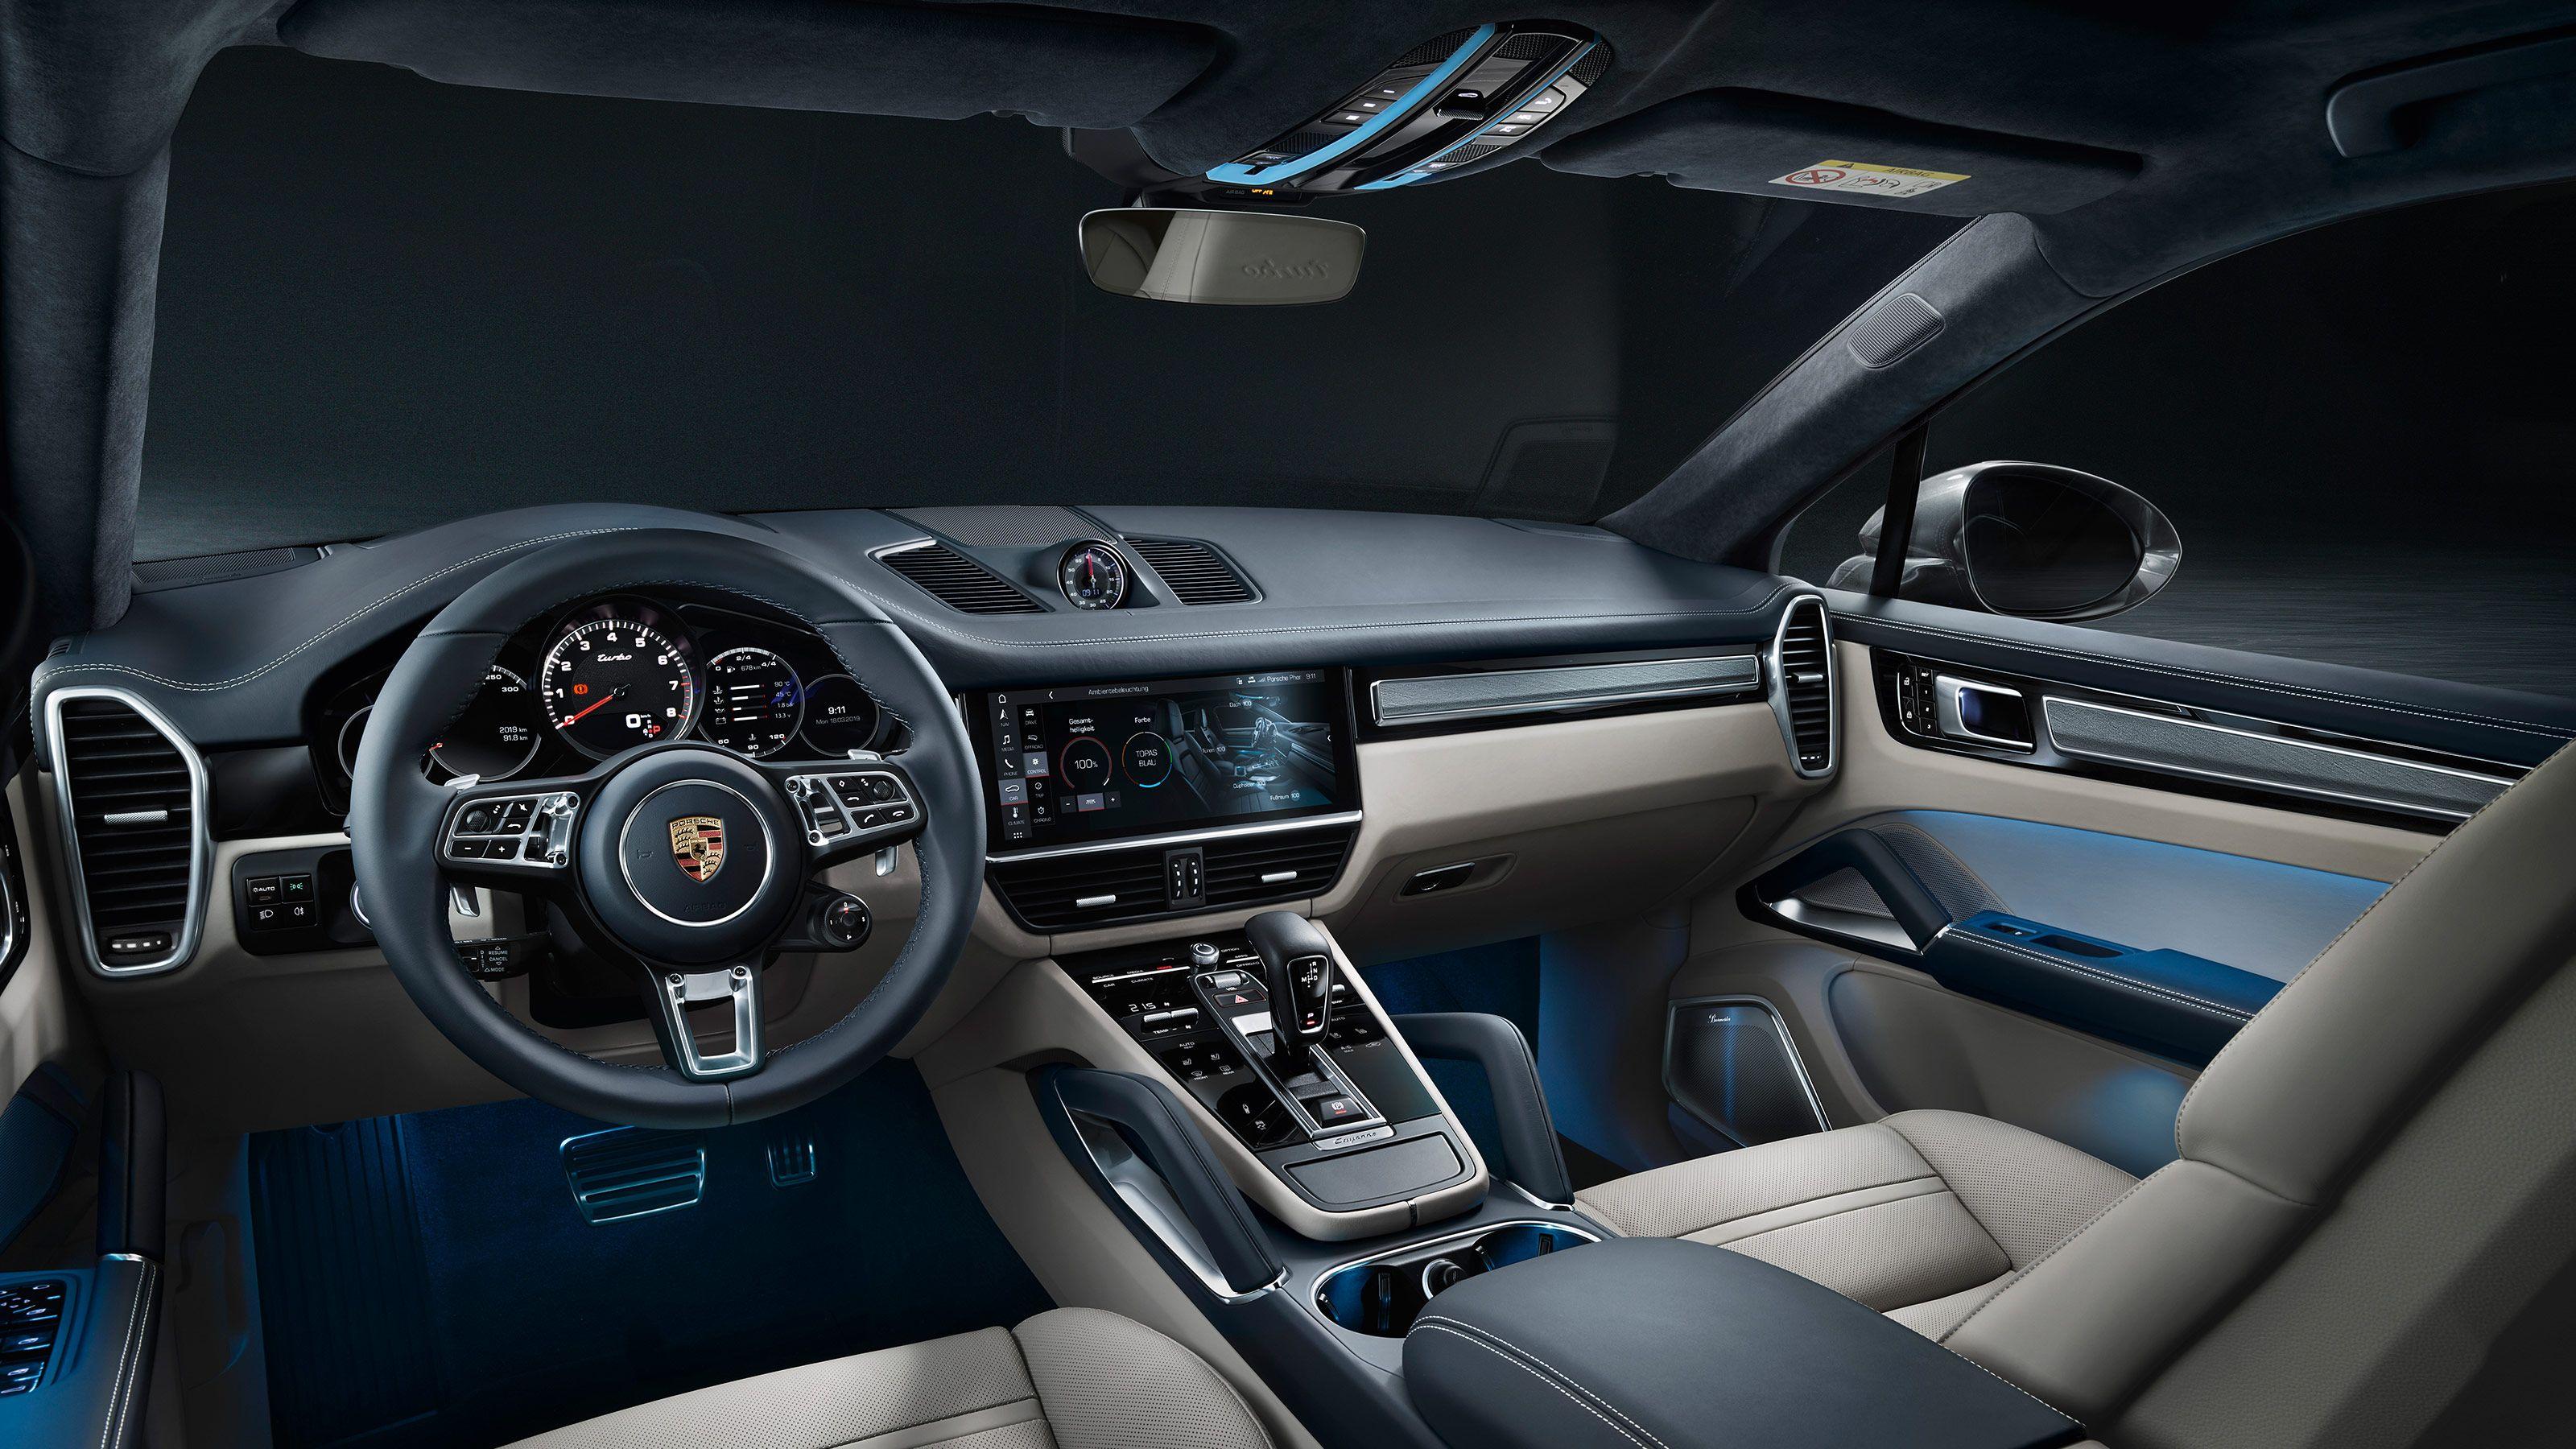 Modeli Novij Porsche Cayenne Coupe Porsche Cayenne Porsche Panamera Porsche Cayenne Interior